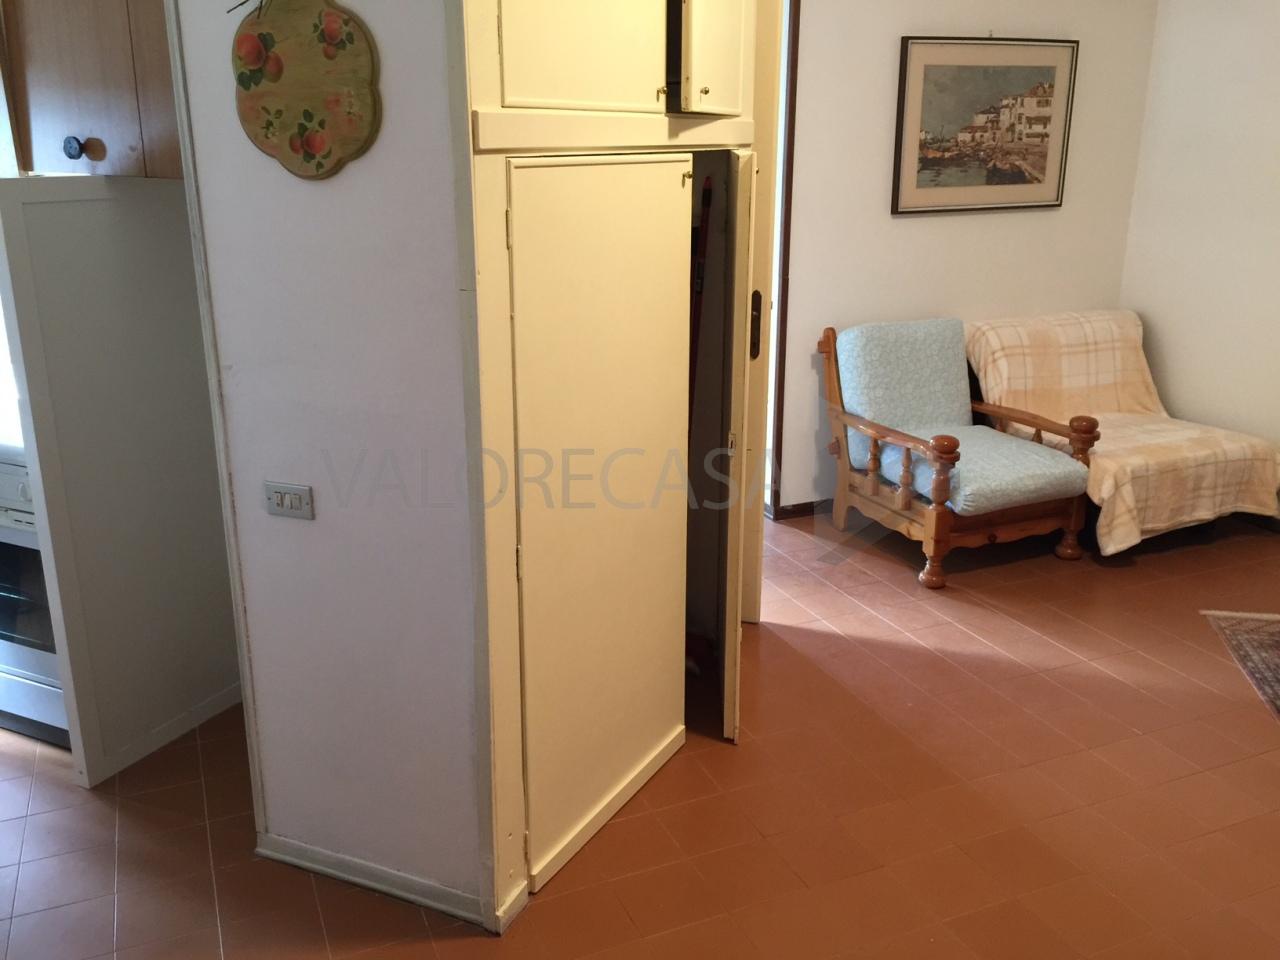 vendita appartamento carrara   110000 euro  2 locali  40 mq